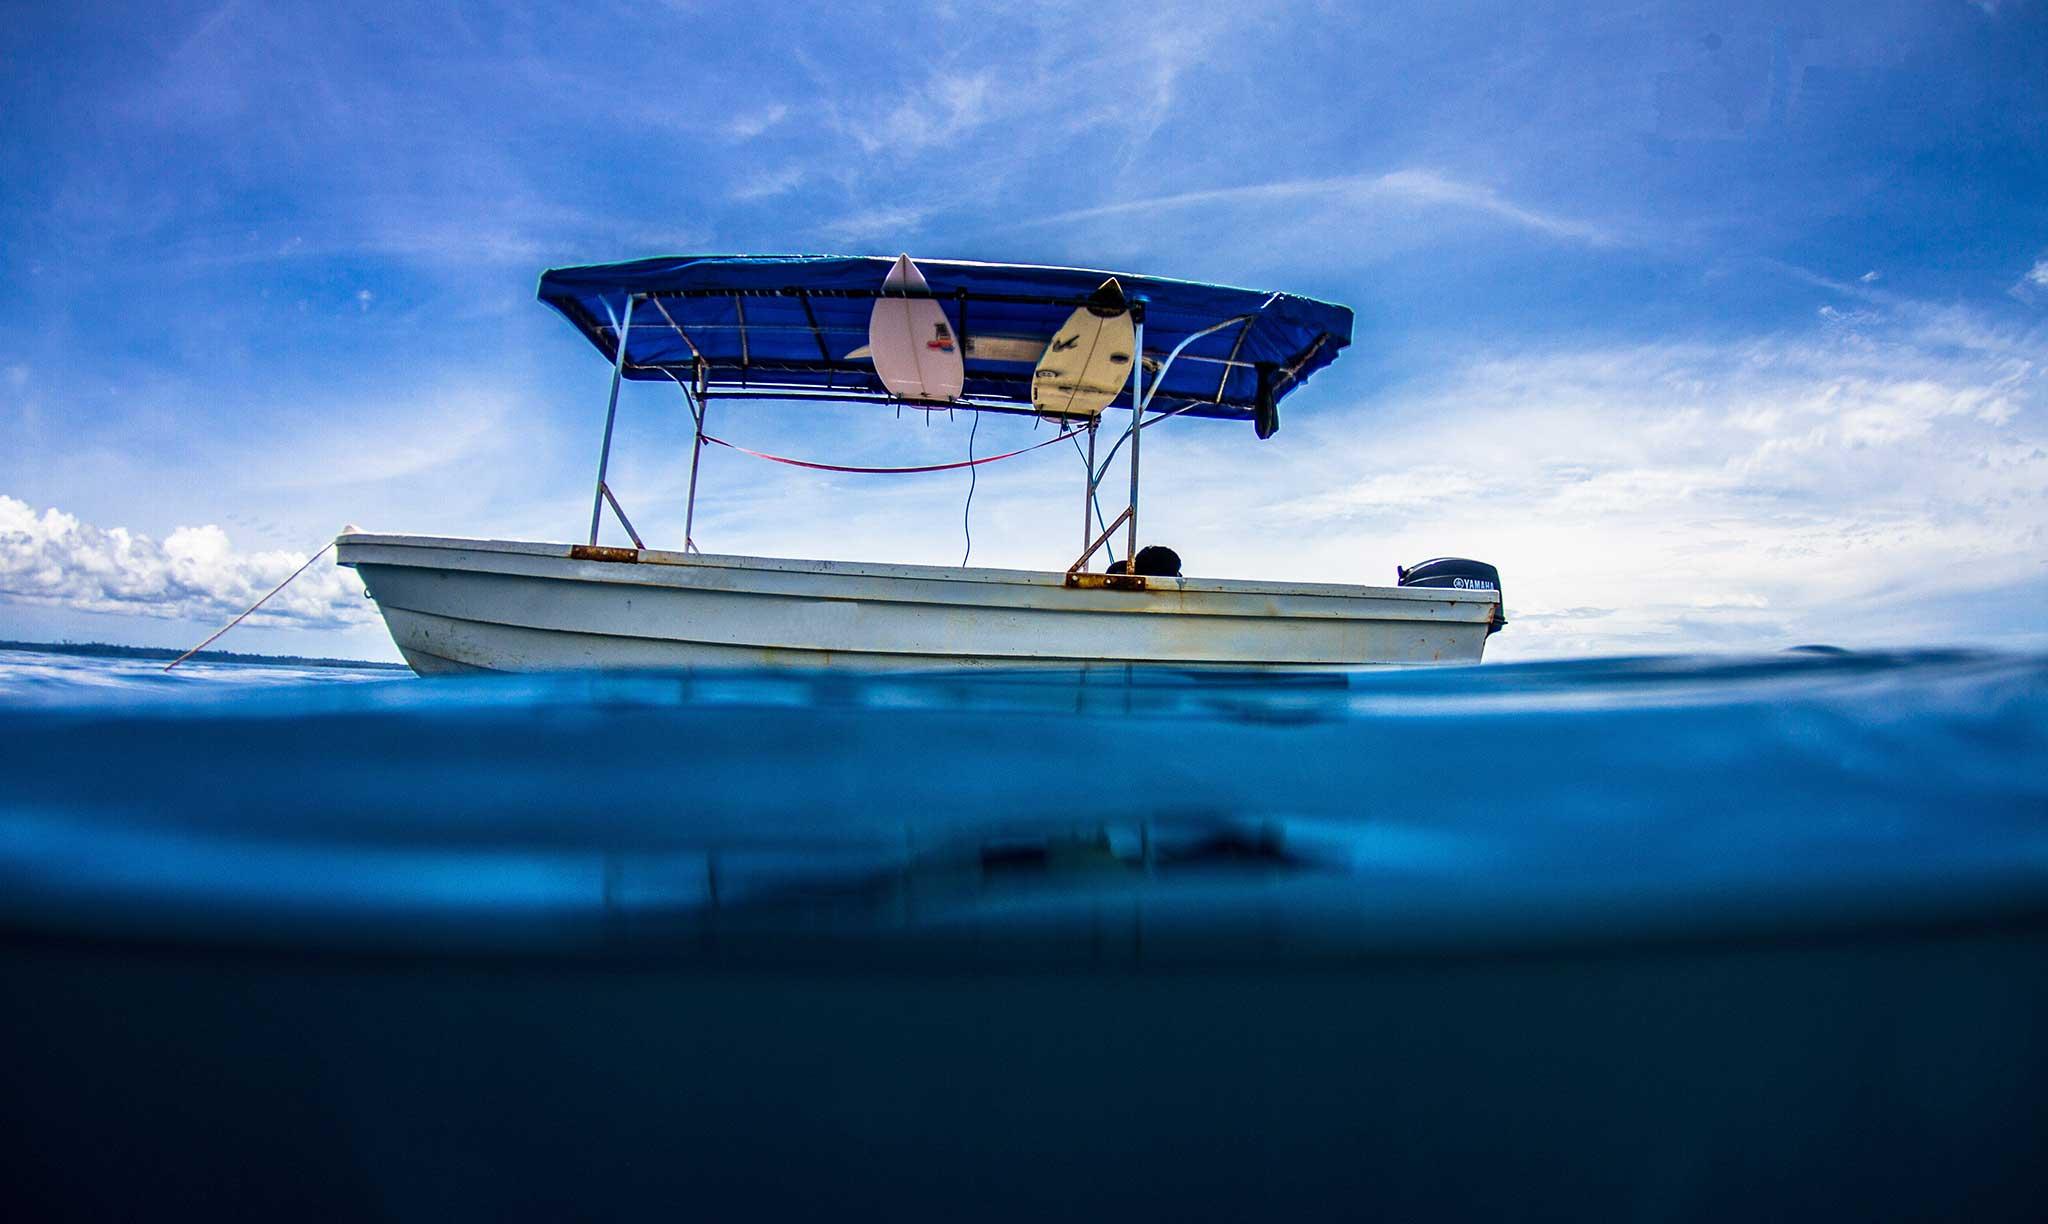 Mahi Mahi Boat 13